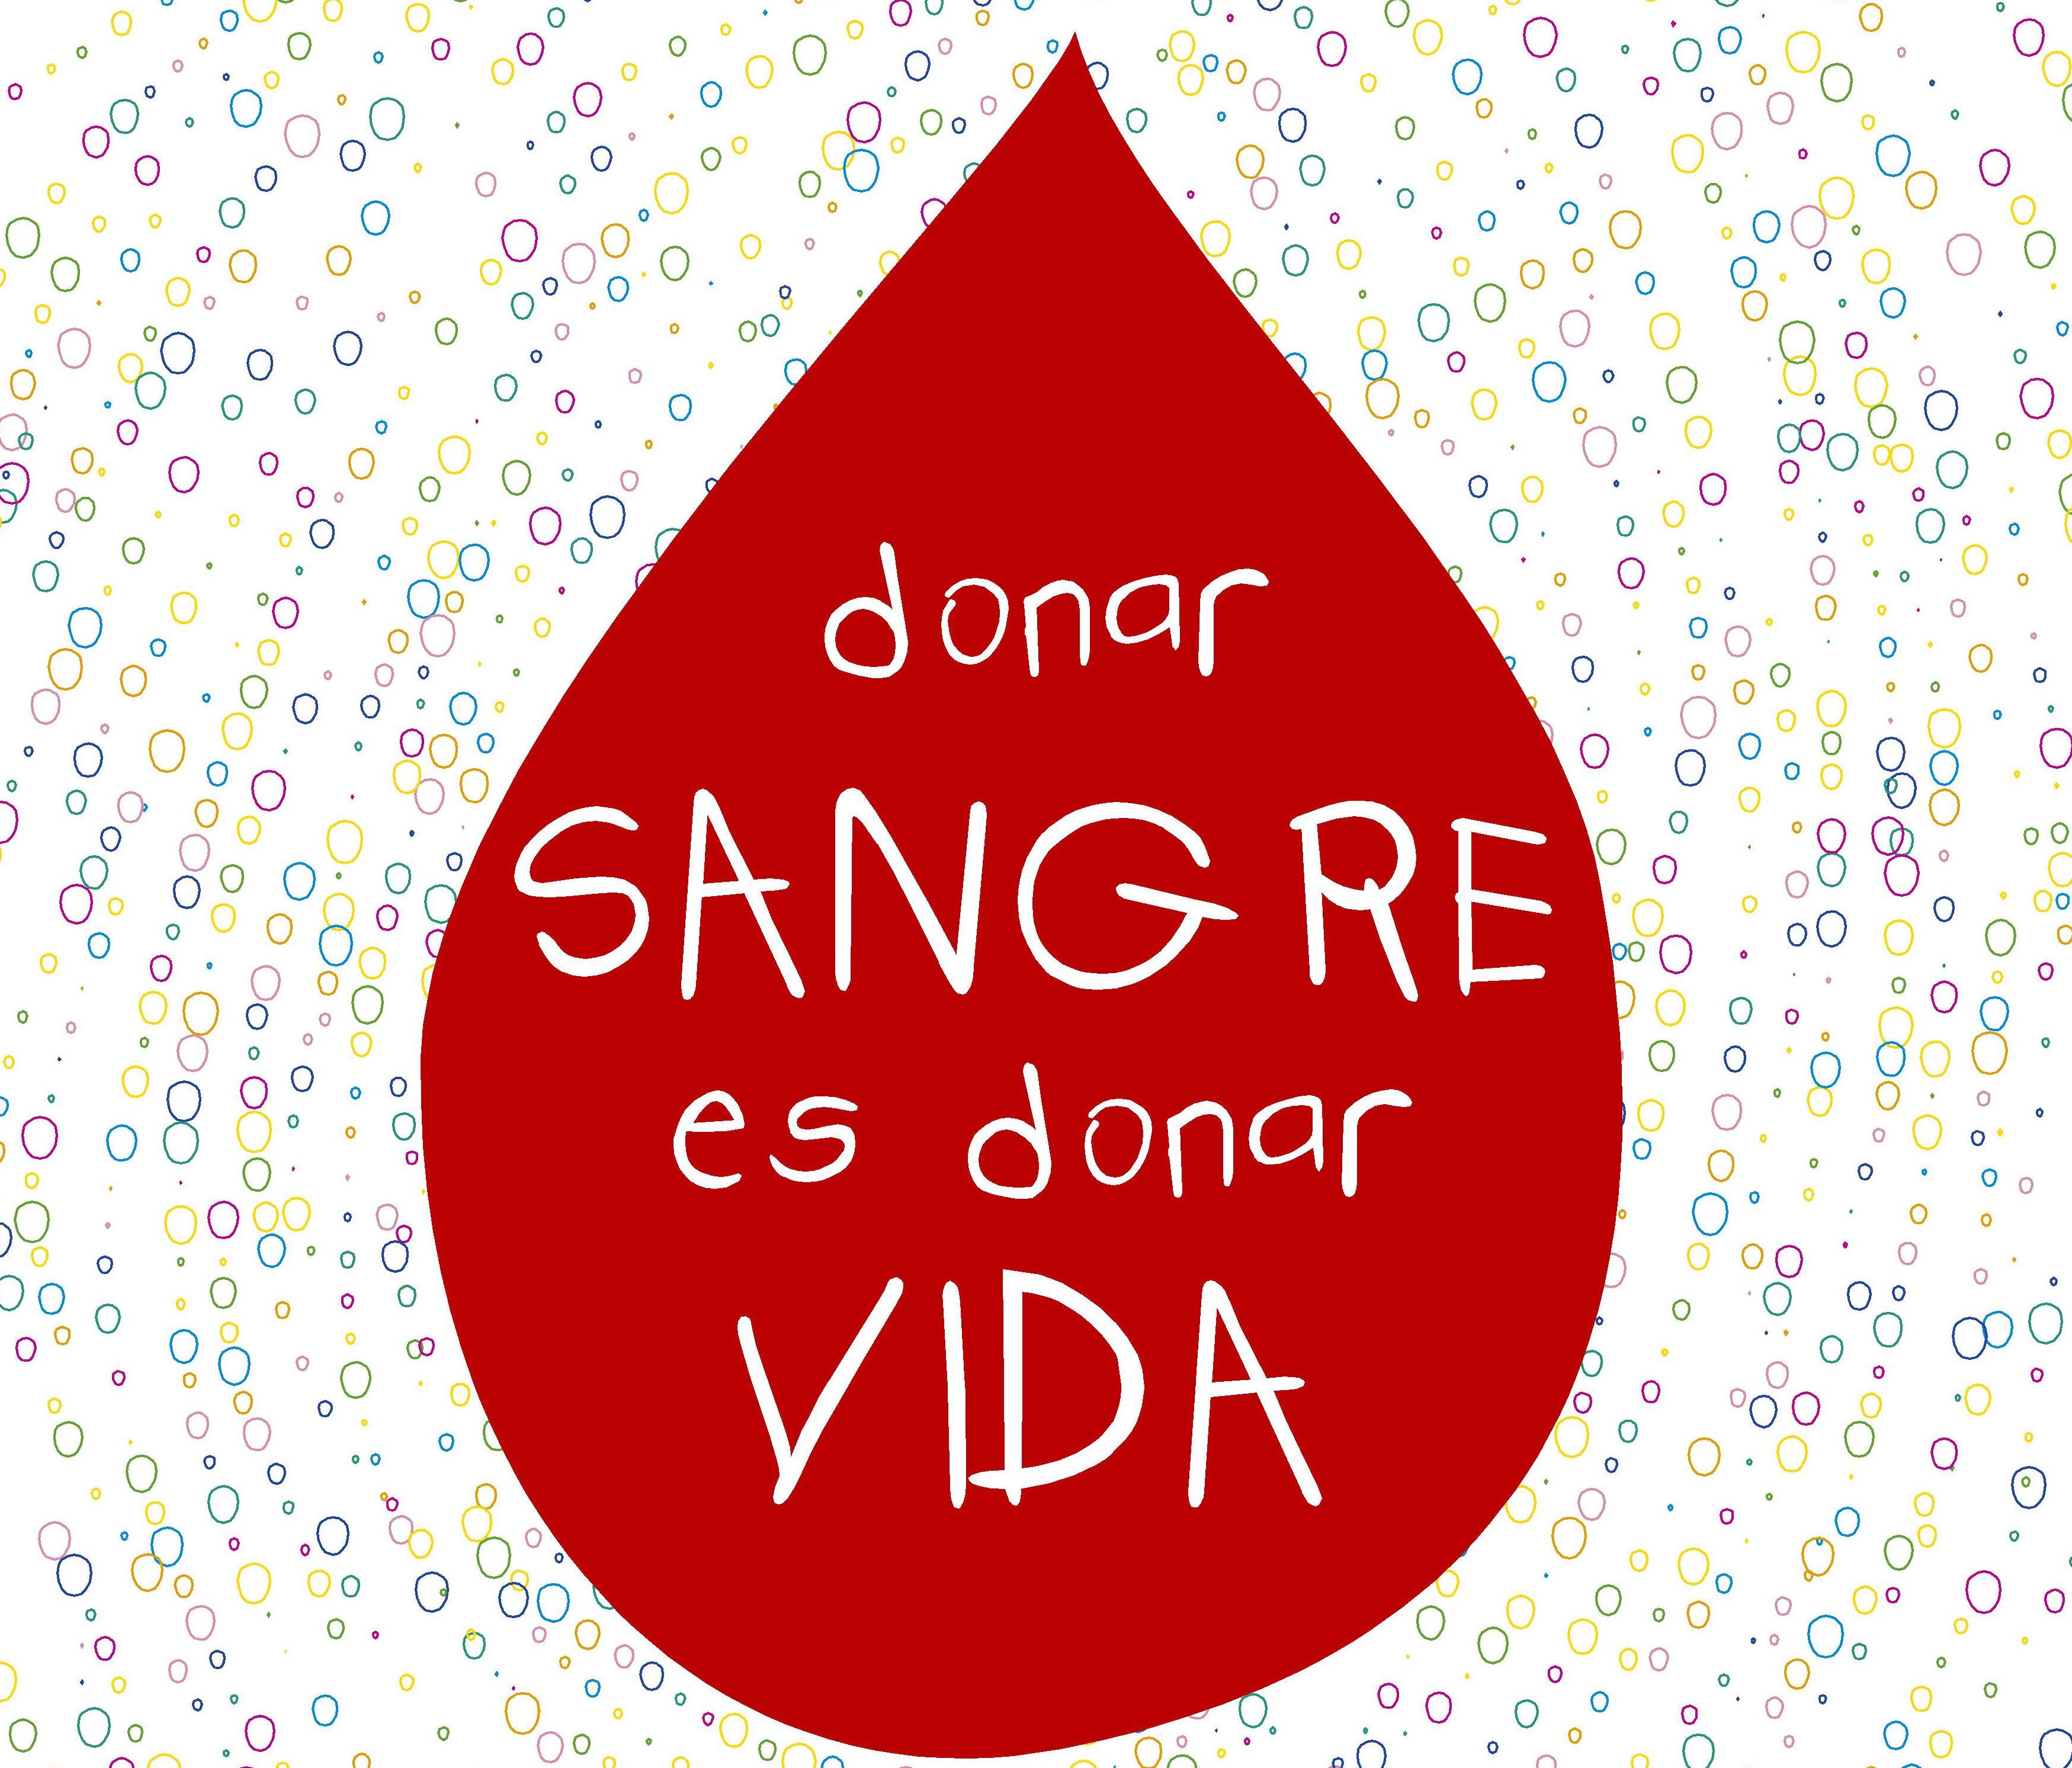 Resultado de imagen para donar sangre